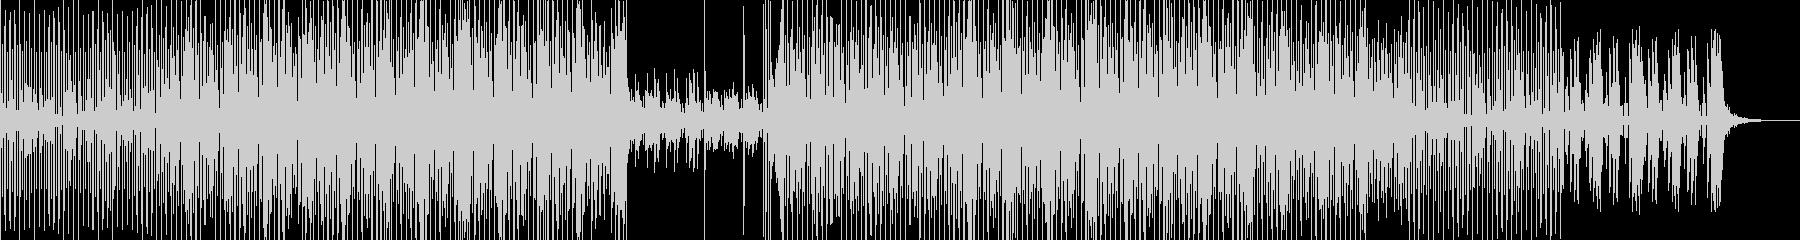 テクノポップミュージックの未再生の波形